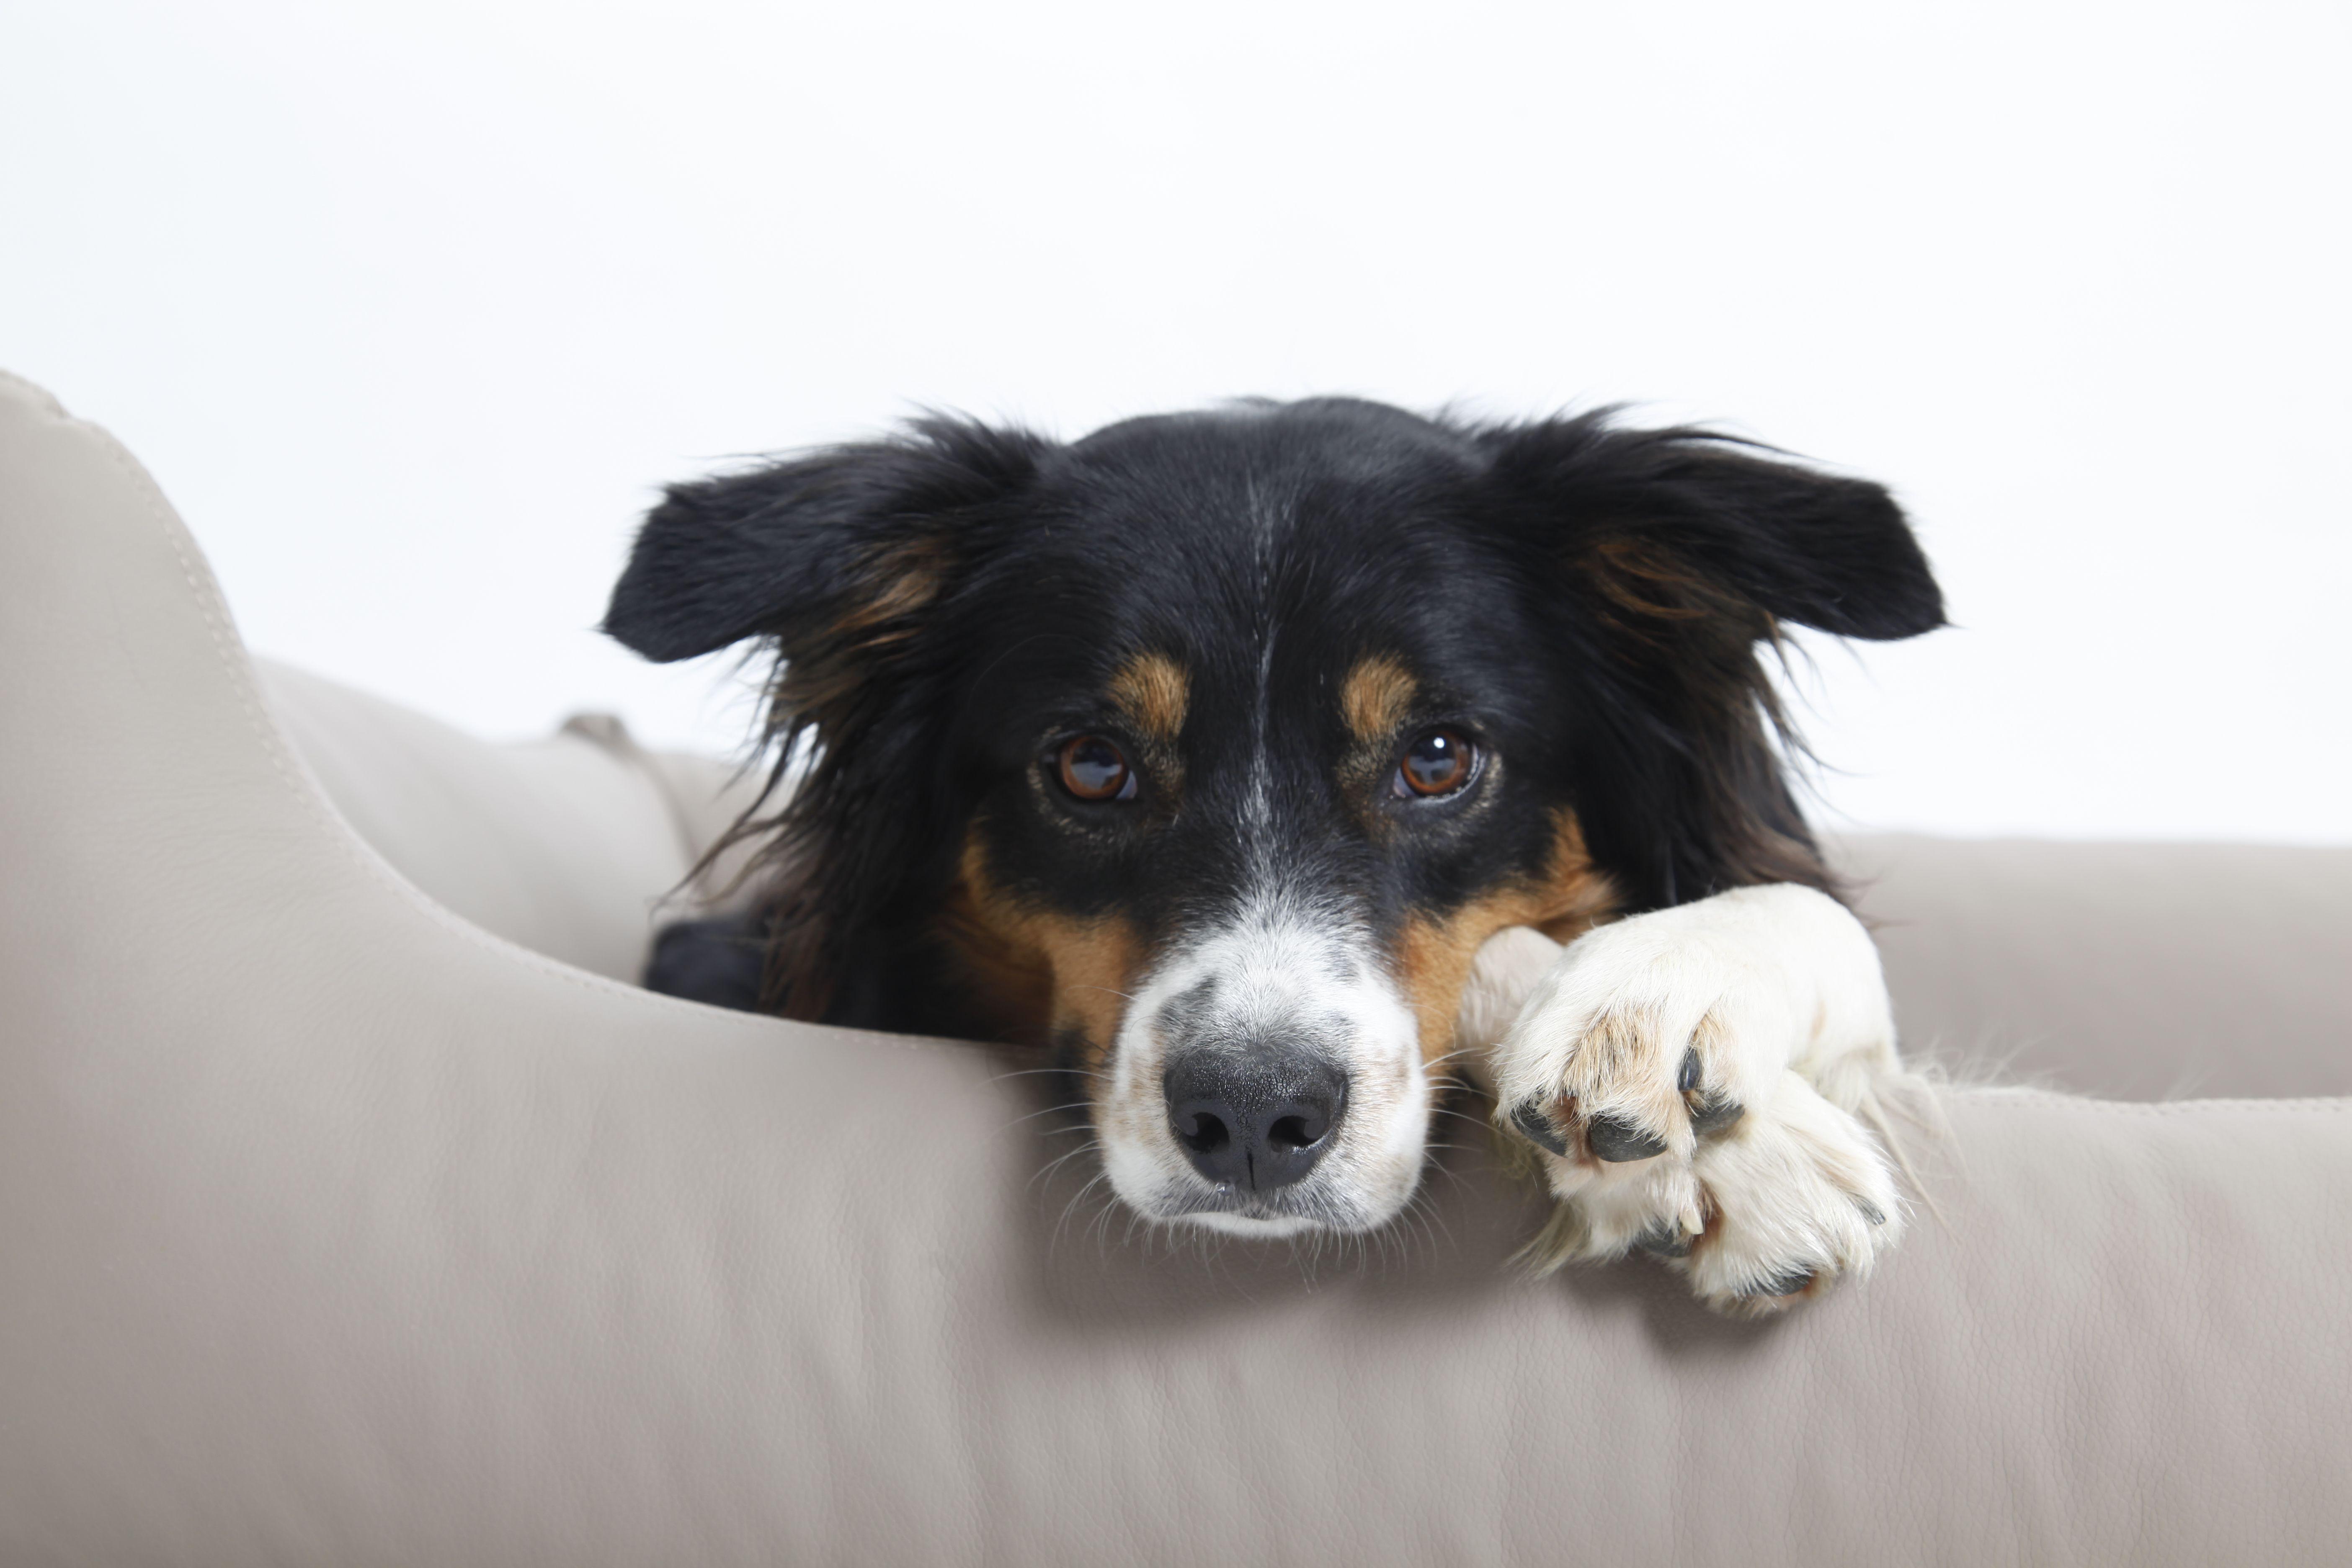 NEW In! Hundesofa Box Bed Saddle aus feinstem Art Leder, in Optik & Haptik wie Nappa Leder aus der Manufaktur DOGS in the CITY